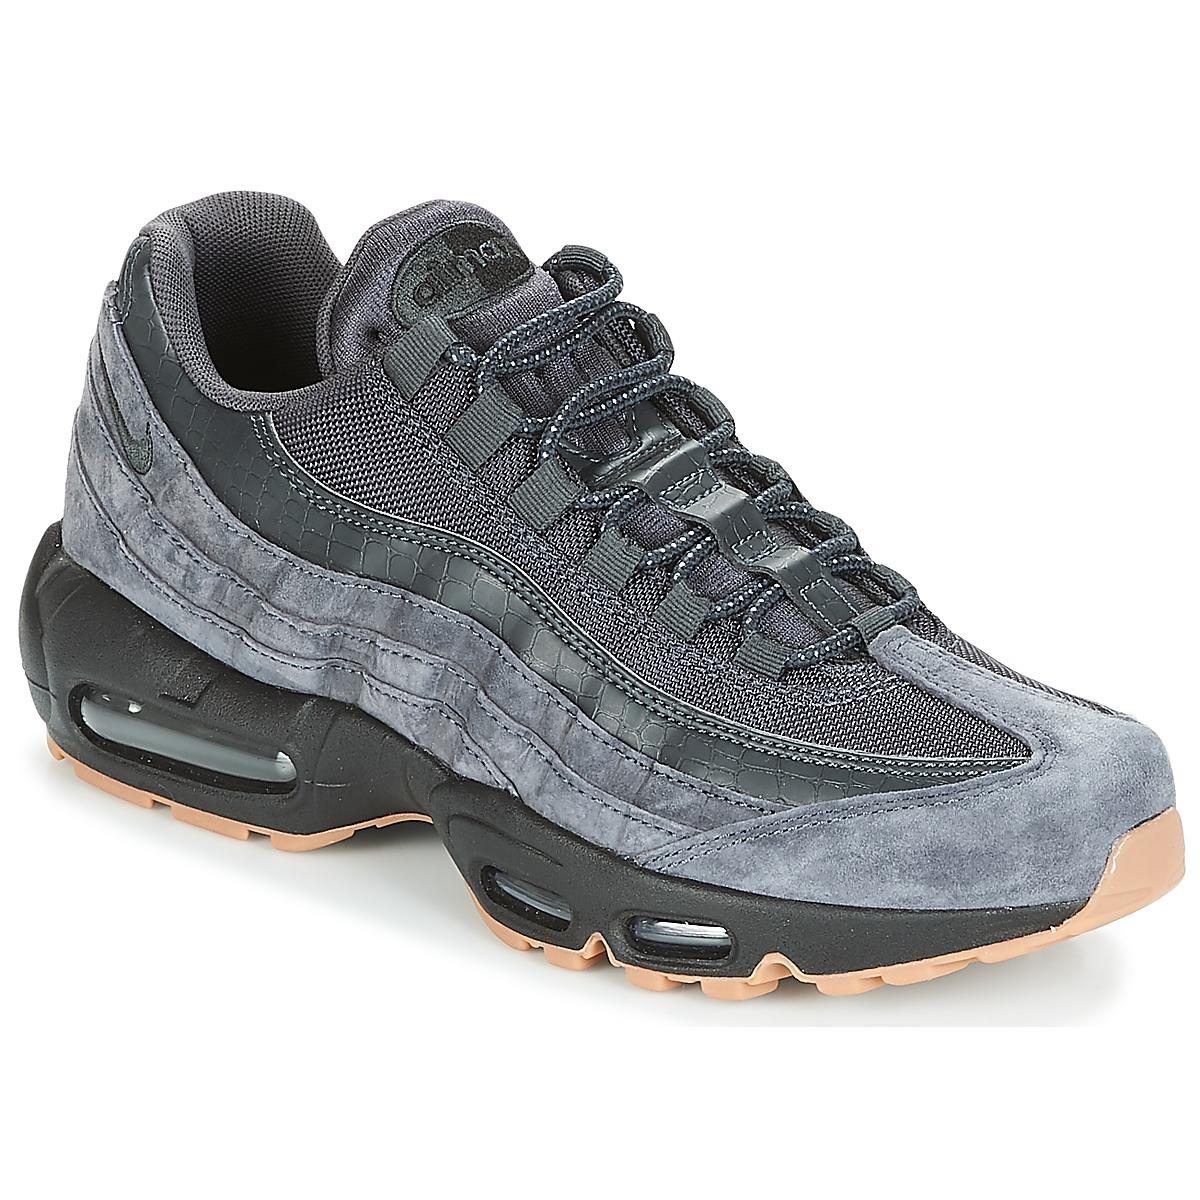 pretty nice 98b41 ba1e0 Nike Men's Air Max 95 Se Aj2018-002 Low-Top Sneakers from ...